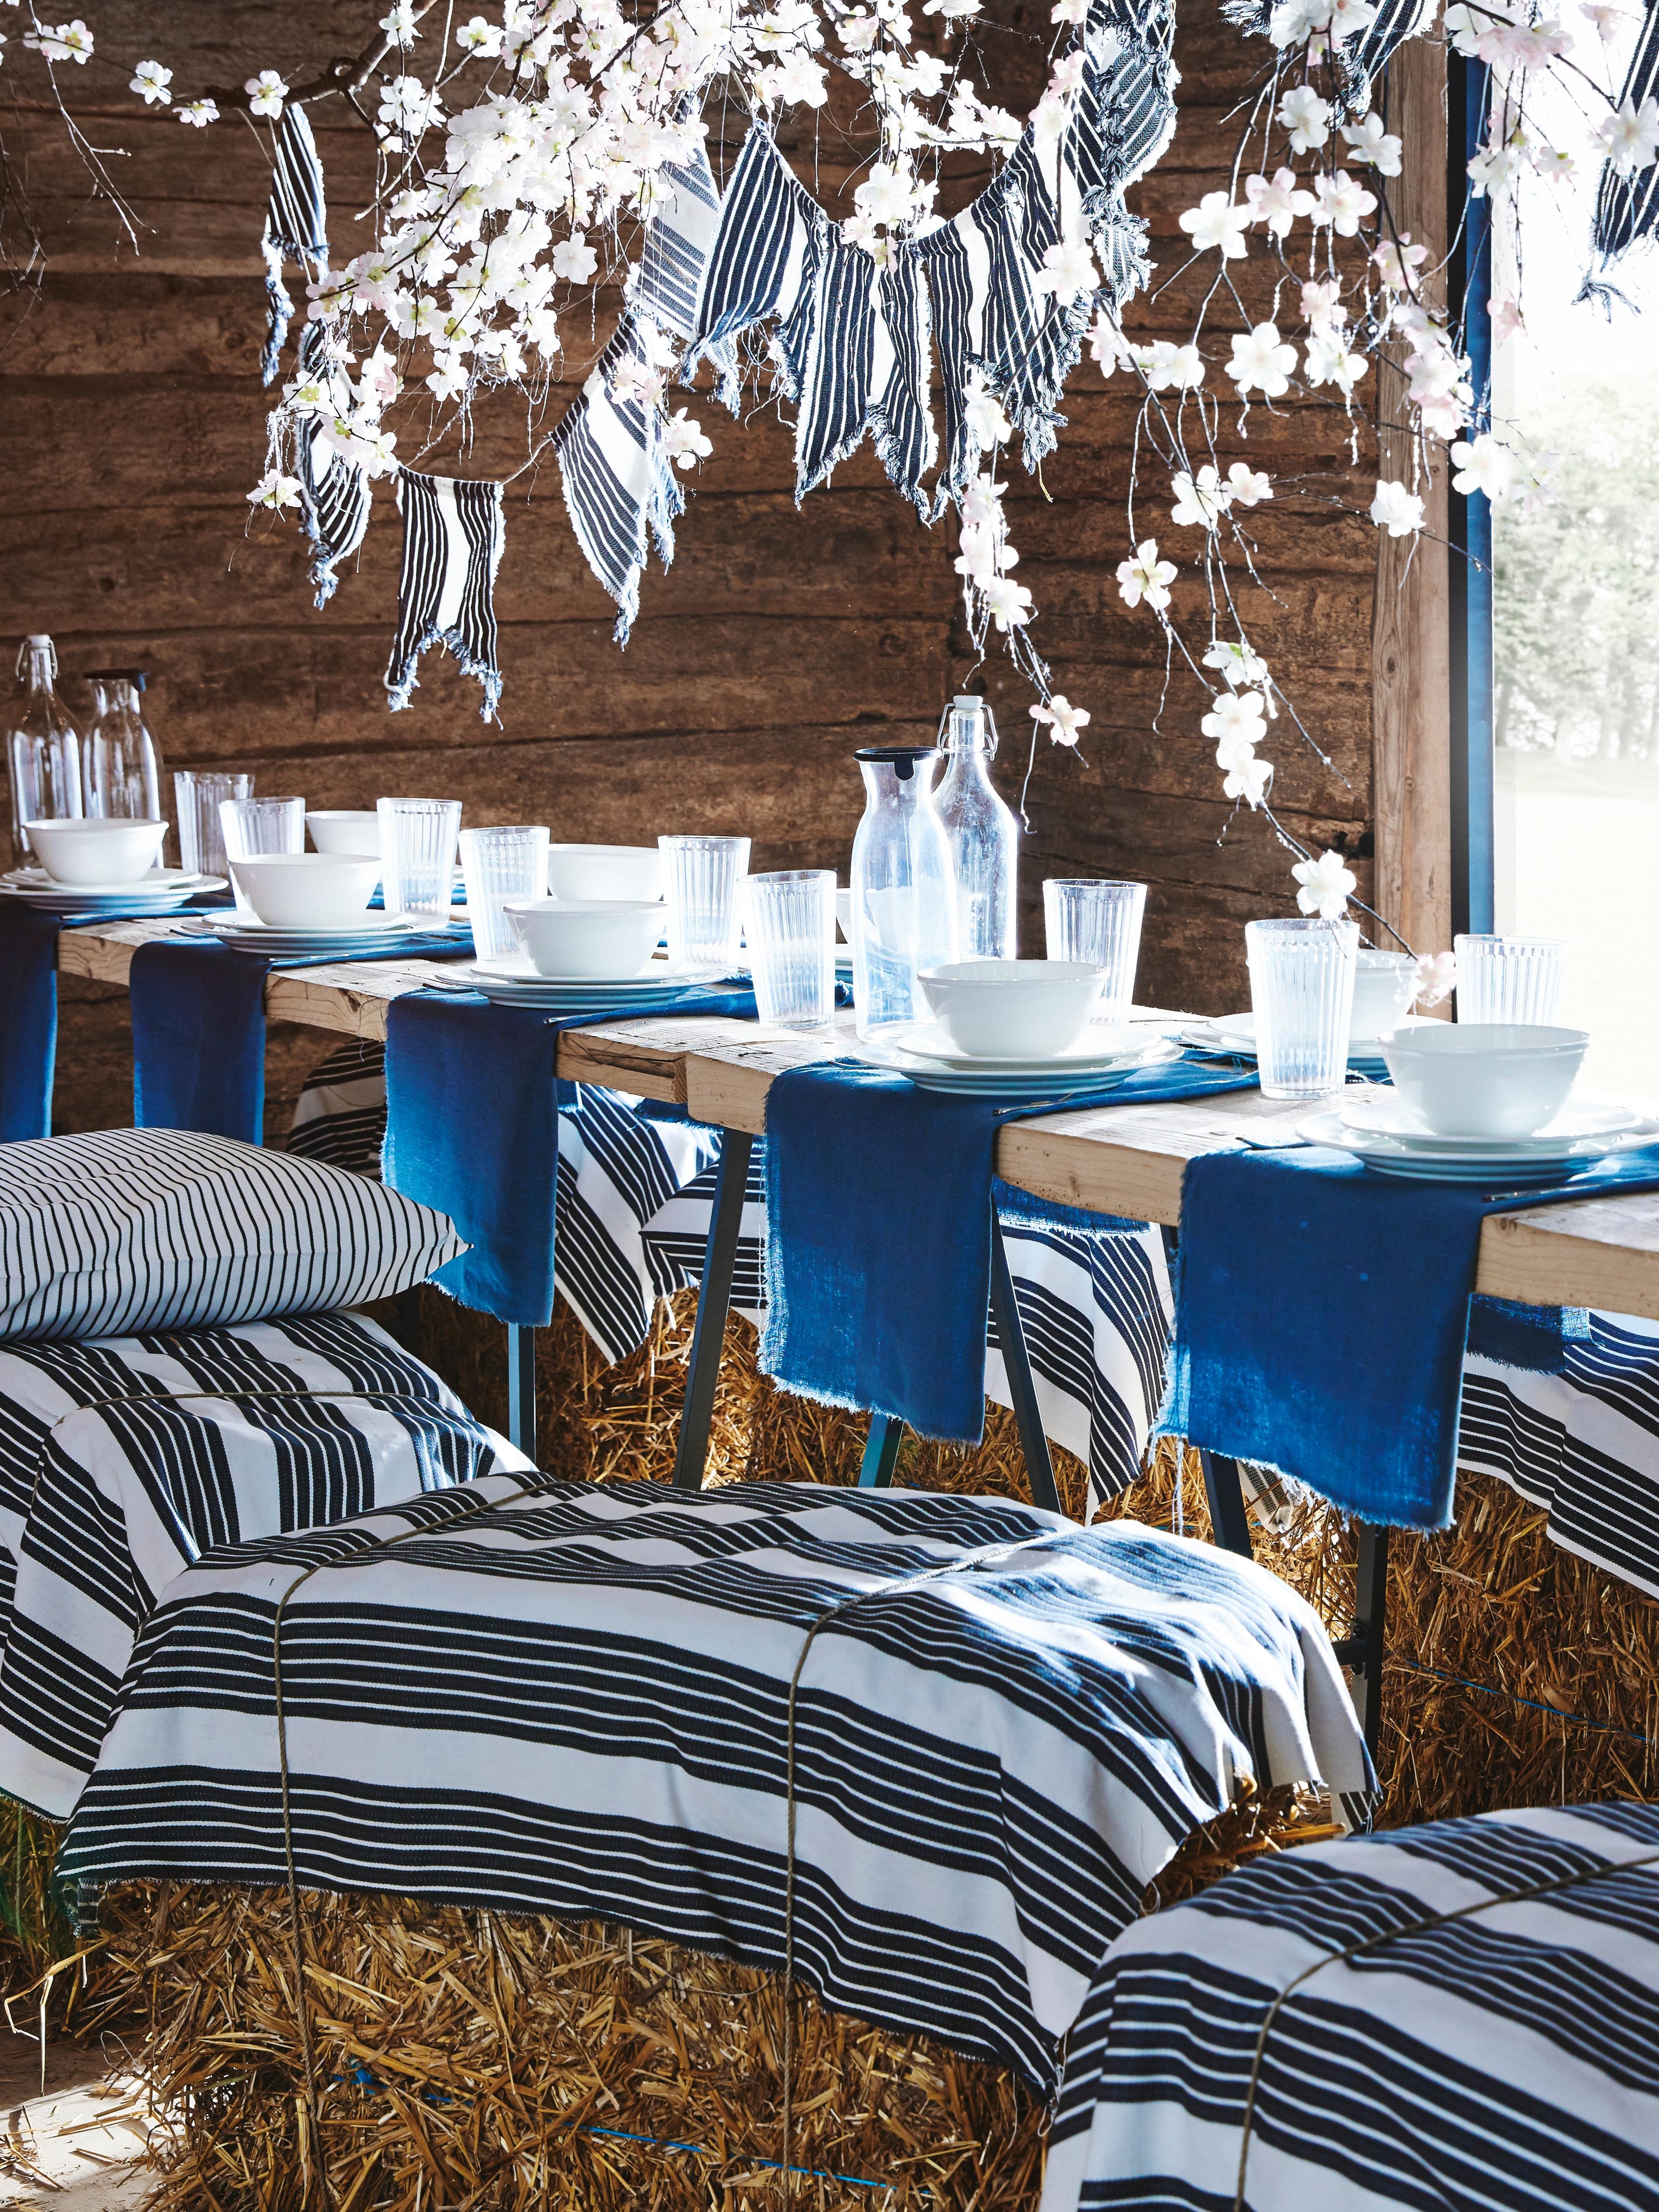 Izložbena postavka s dugim stolovima, balama sena i stolicama povrh kojih se nalazi METTALISE tkanina na belo-sive pruge.